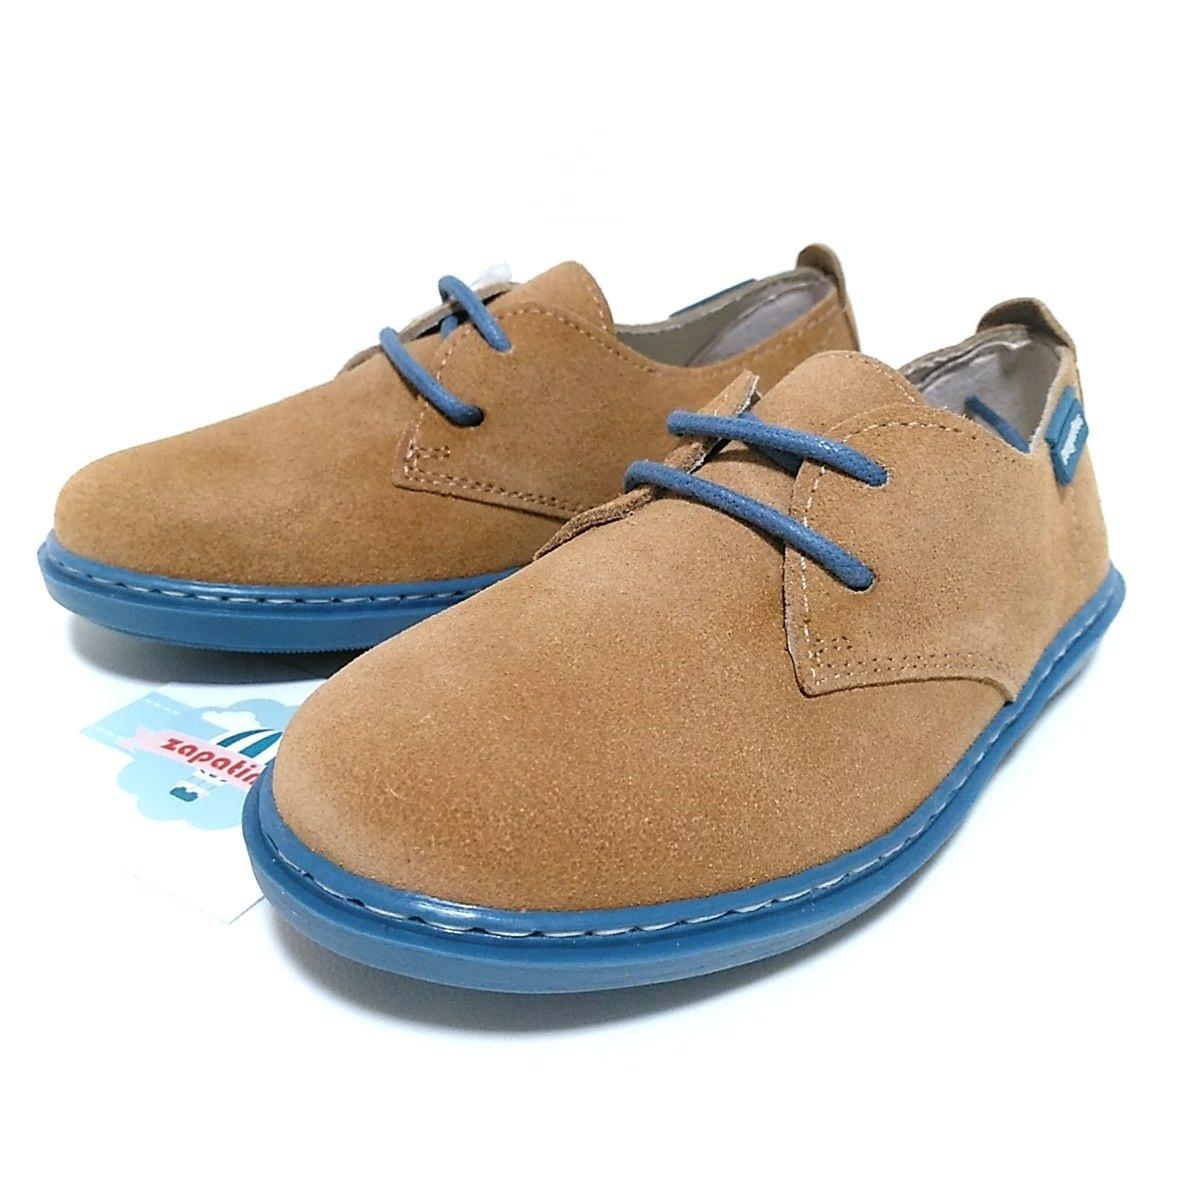 edc76907b Zapatos de niño serraje arena contraste azul Conguitos   Zapatines